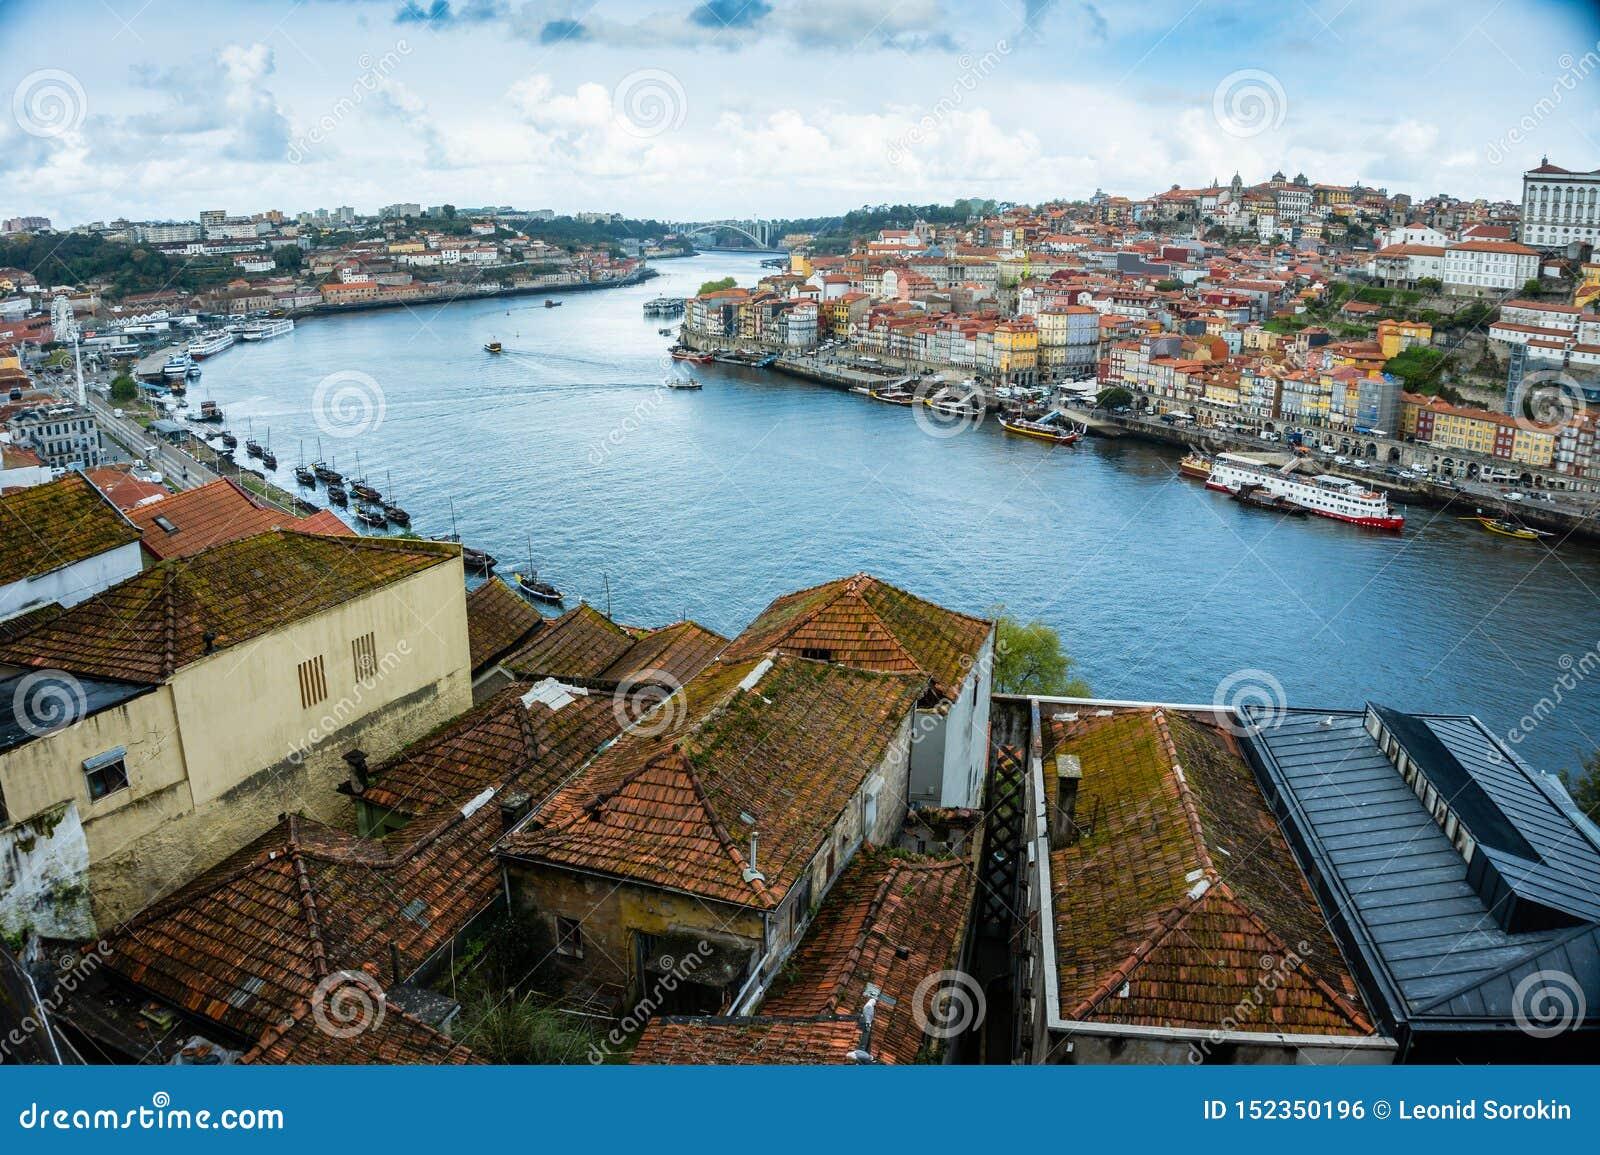 Paisaje urbano de Oporto, vista de la ciudad europea vieja